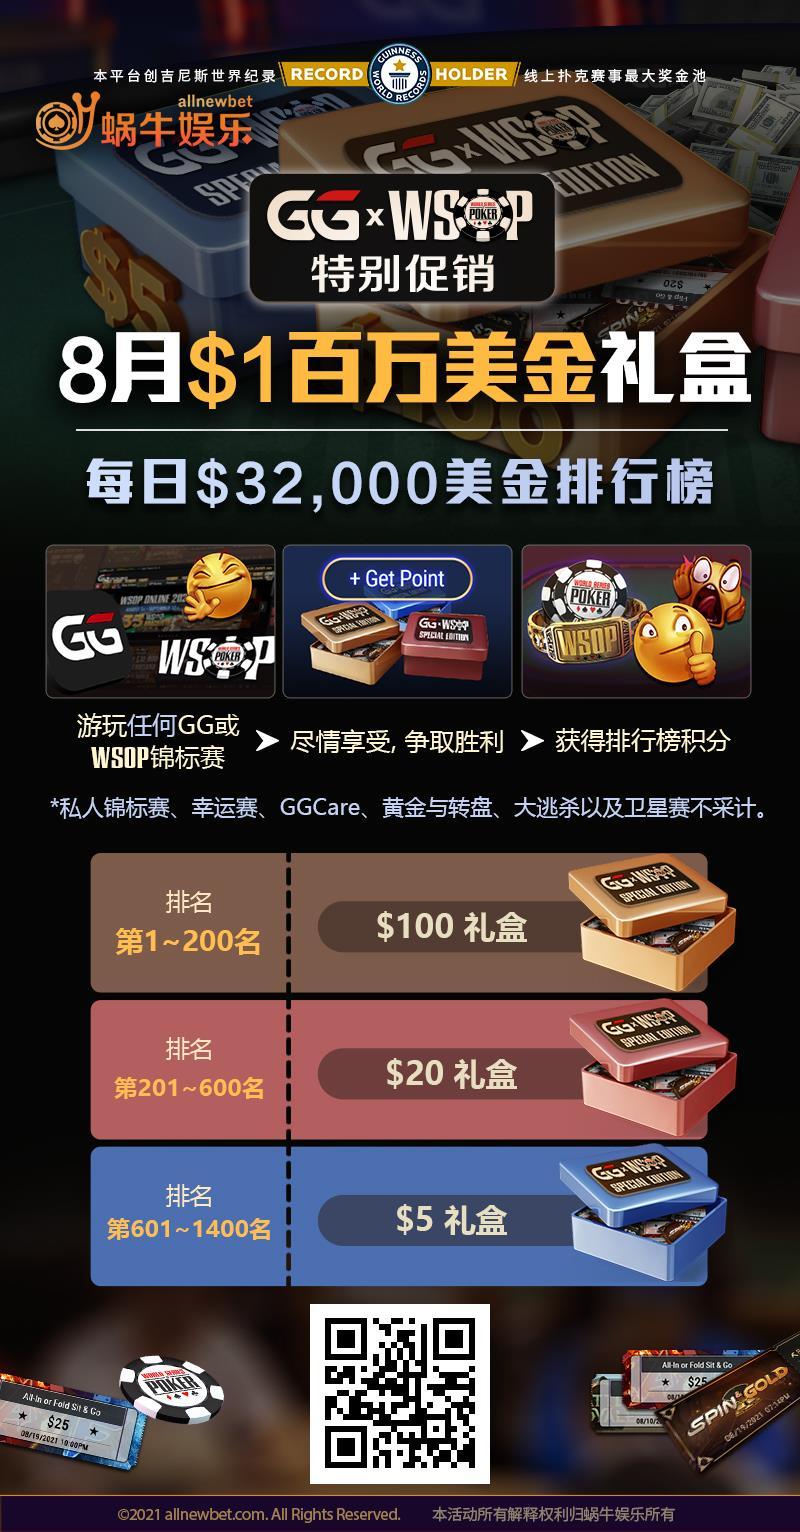 【蜗牛扑克】8月现金大放送,,000,000美金